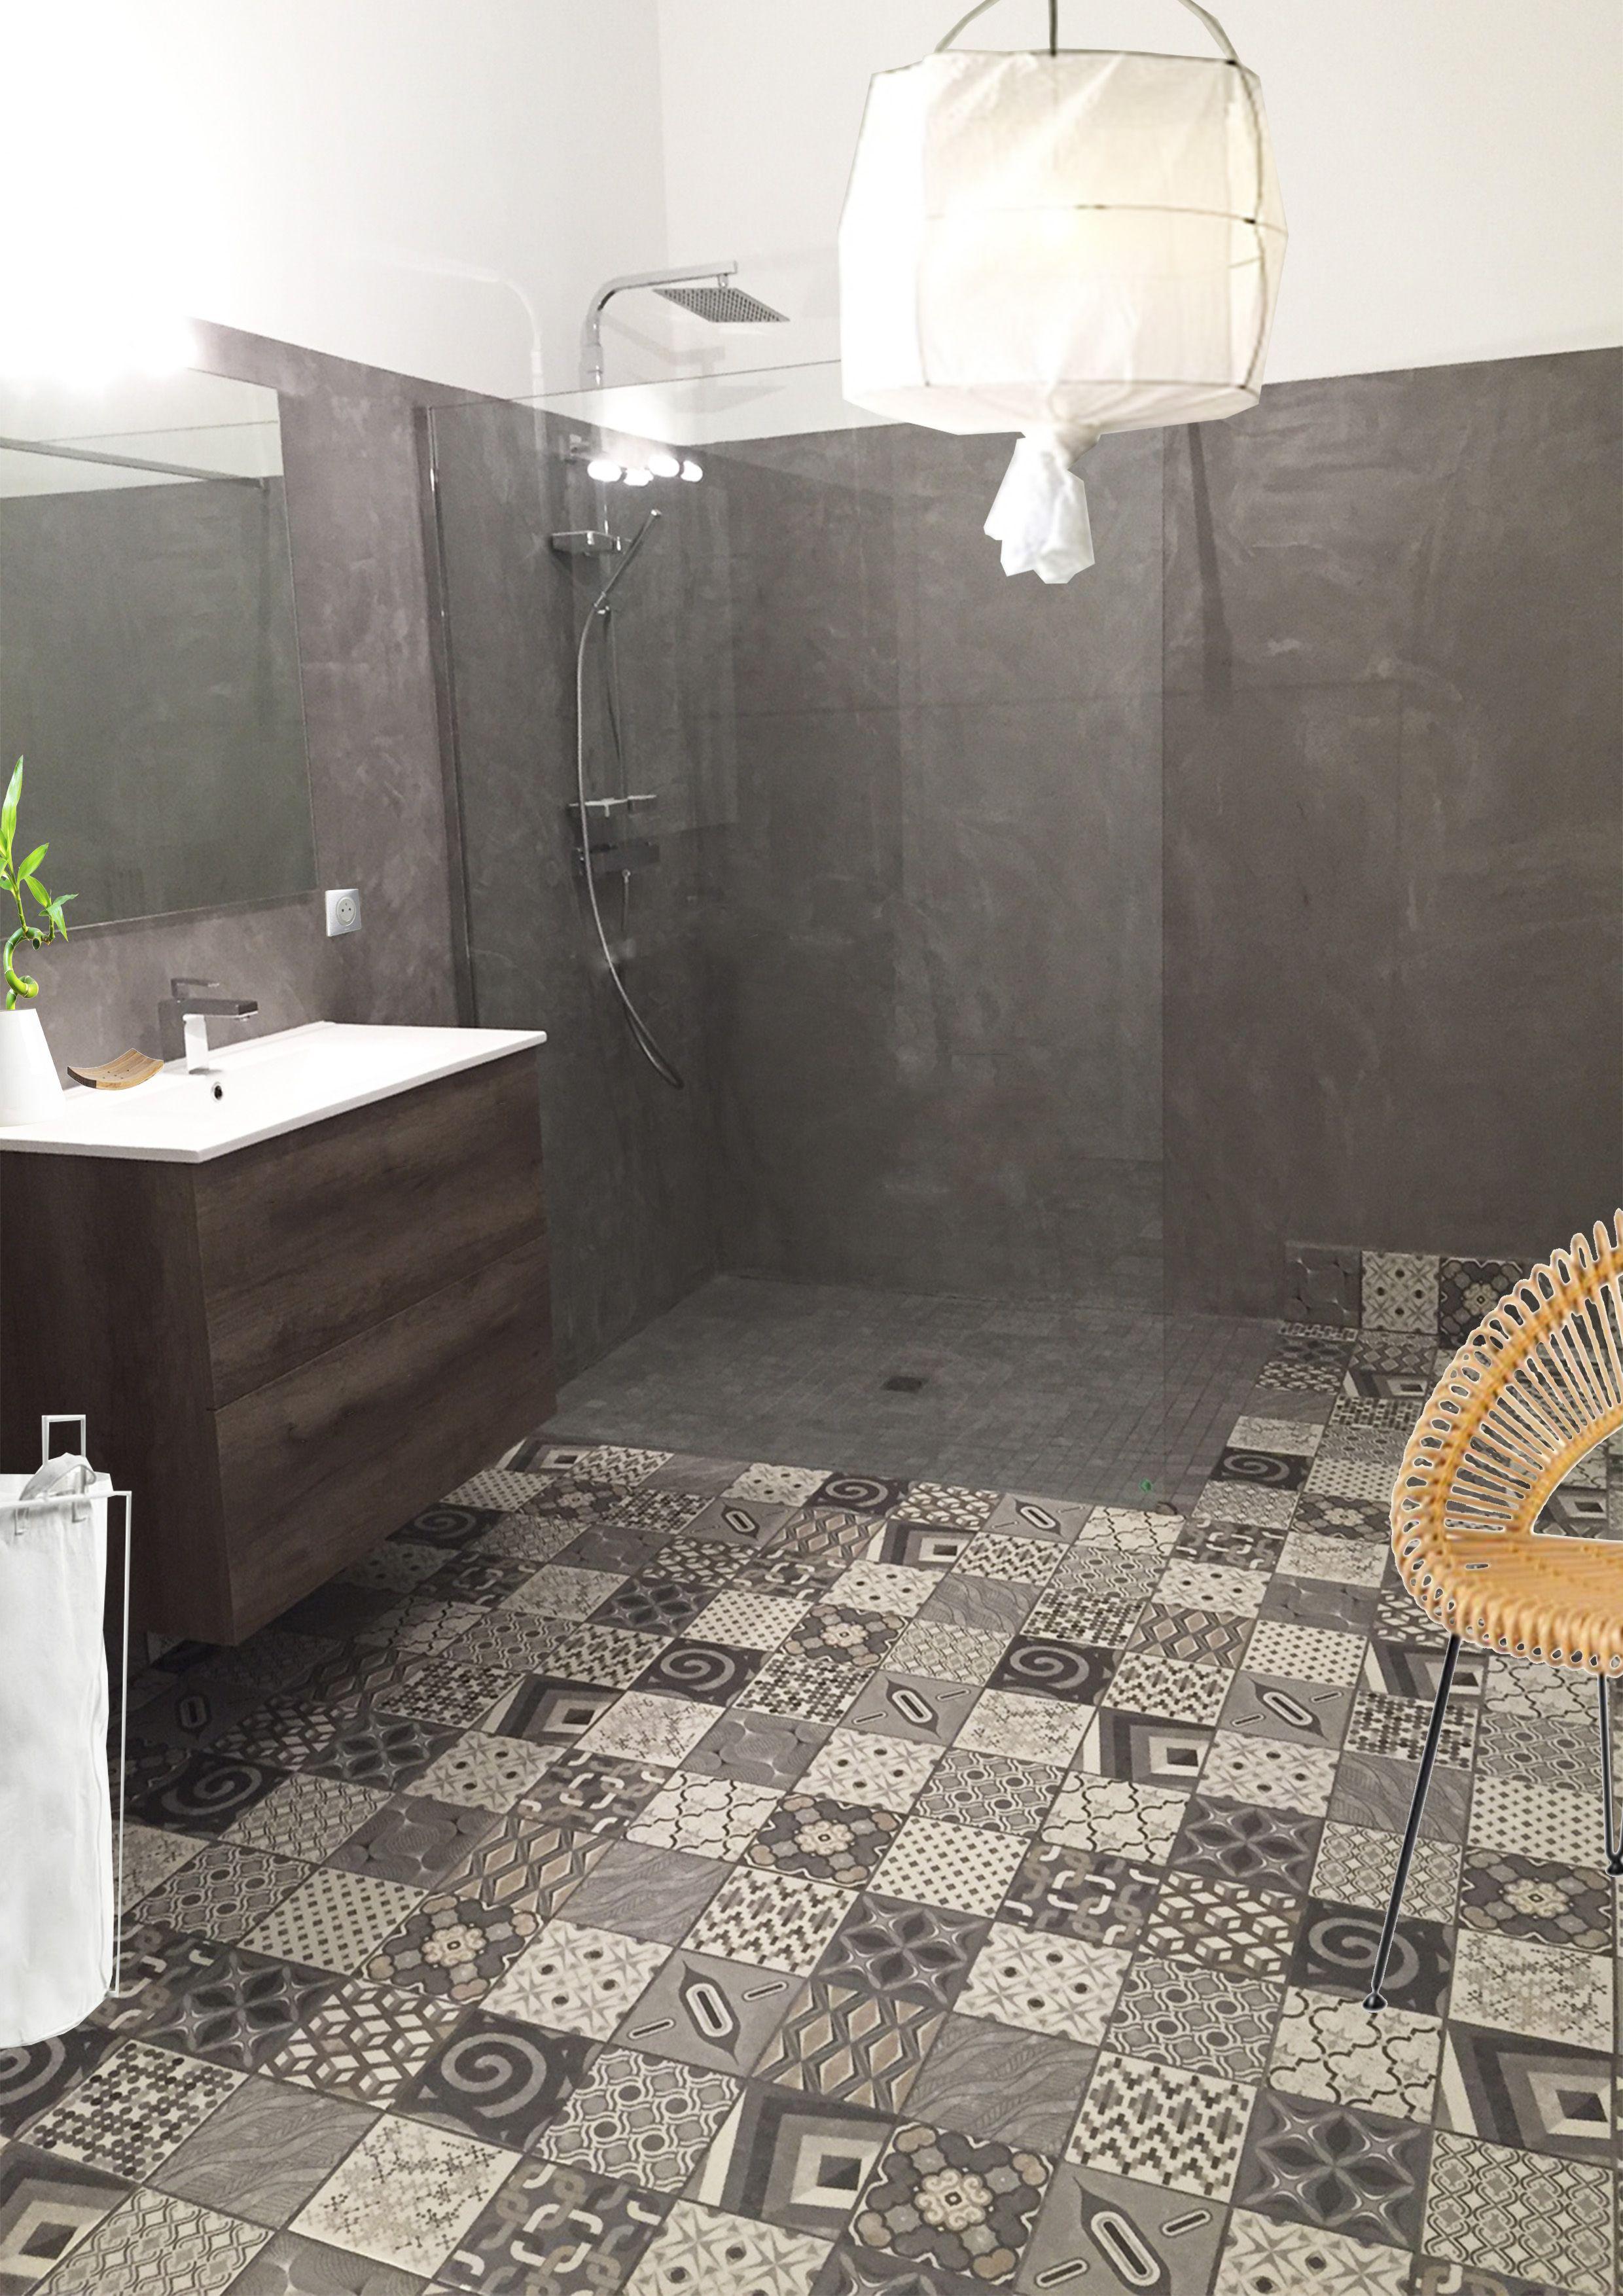 salle de bain mont3 2480Ã 3508 deco pinterest salles de